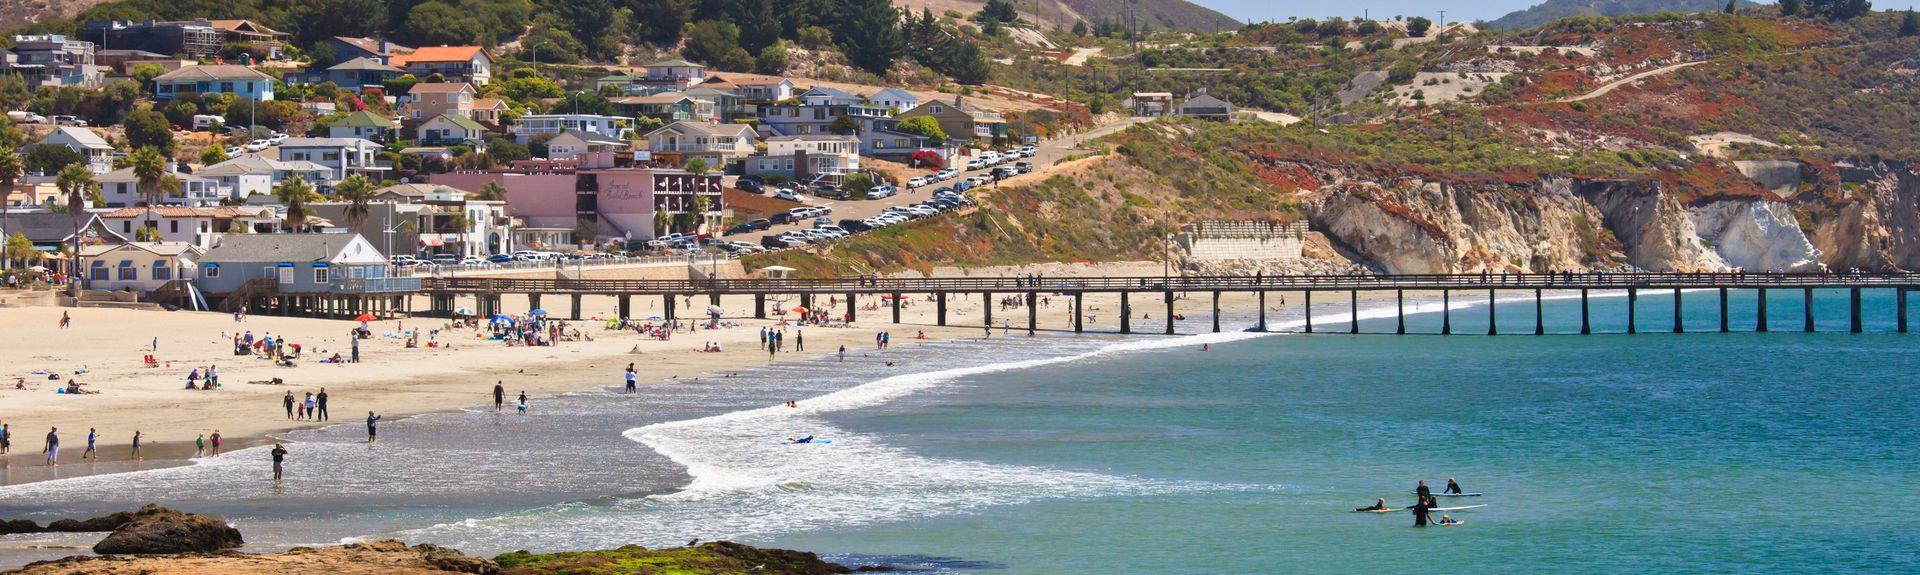 Avila Beach, Kalifornia, Yhdysvallat